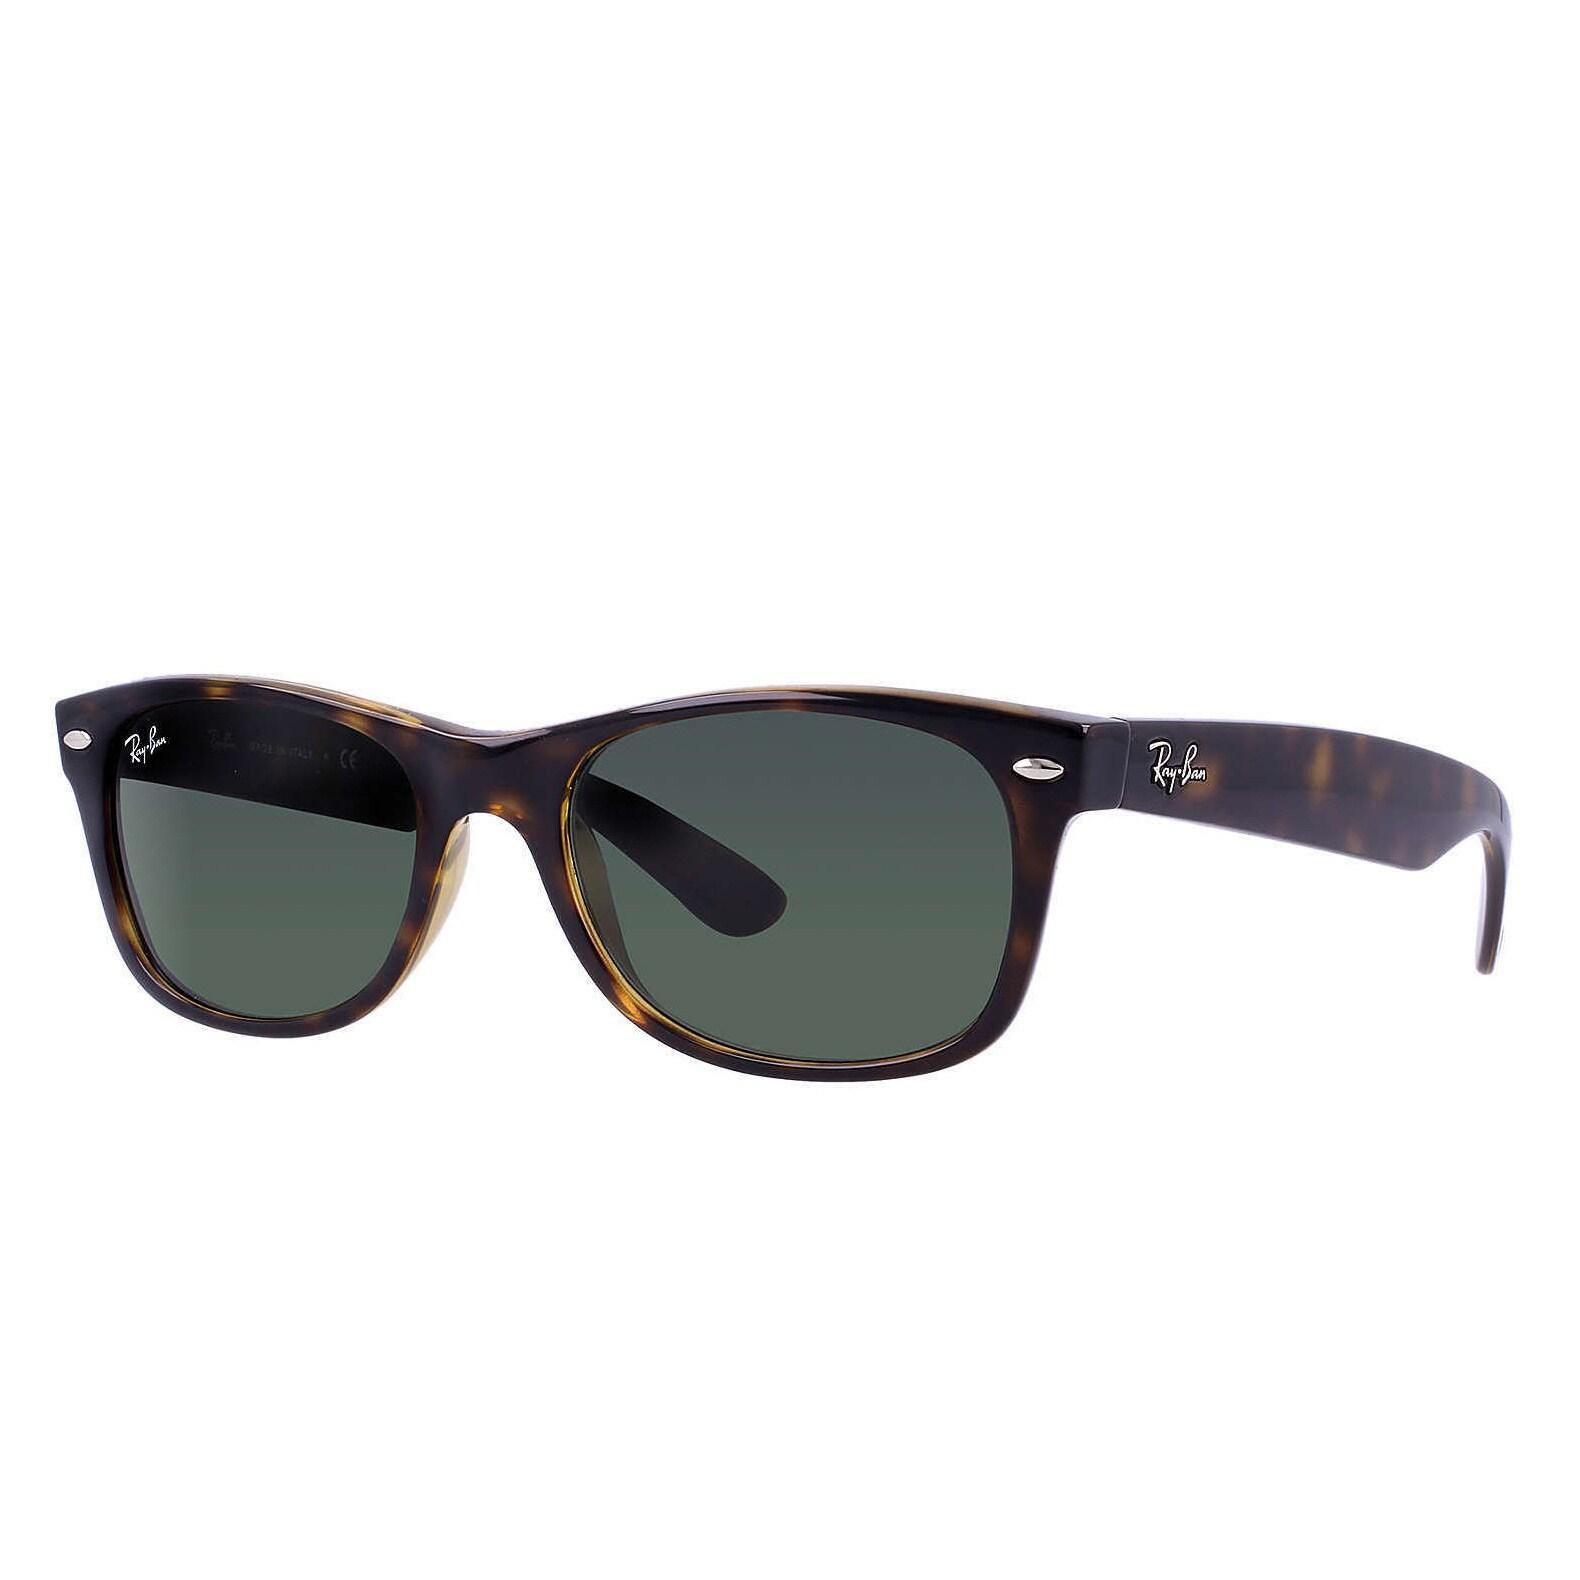 659f3e67f1 Ray-Ban Wayfarer RB2132 Unisex Havana Frame Green Lens Sunglasses